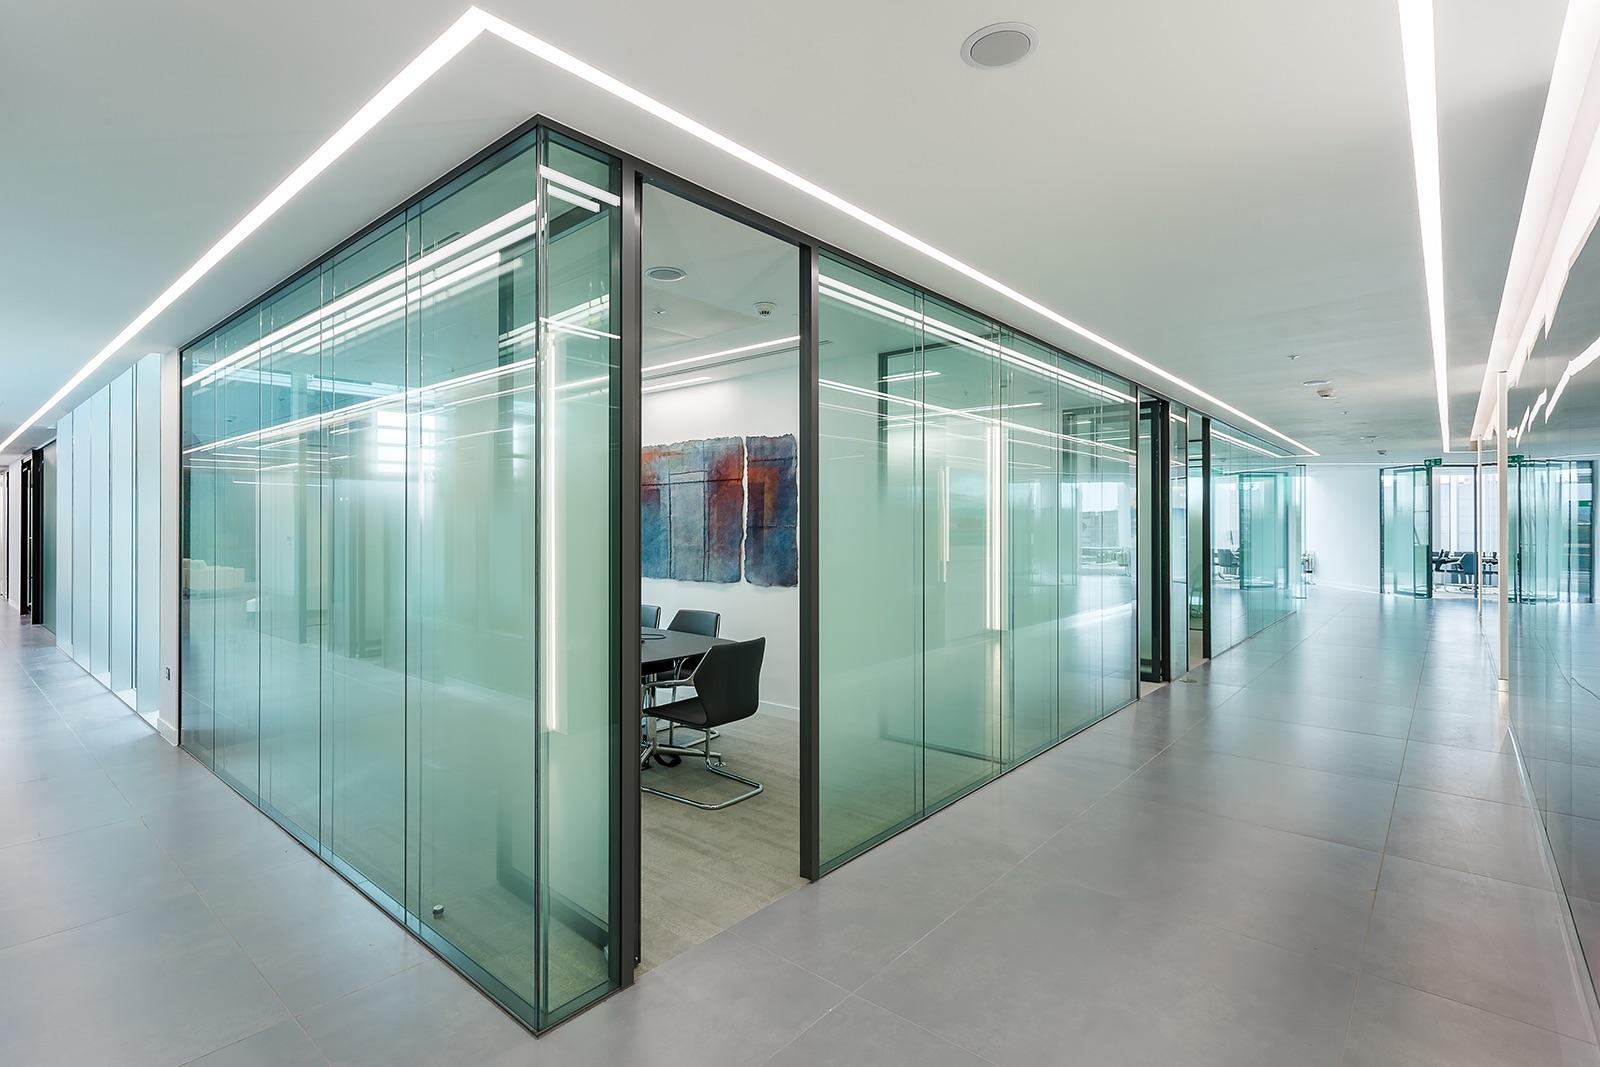 wedlake-bell-office-13